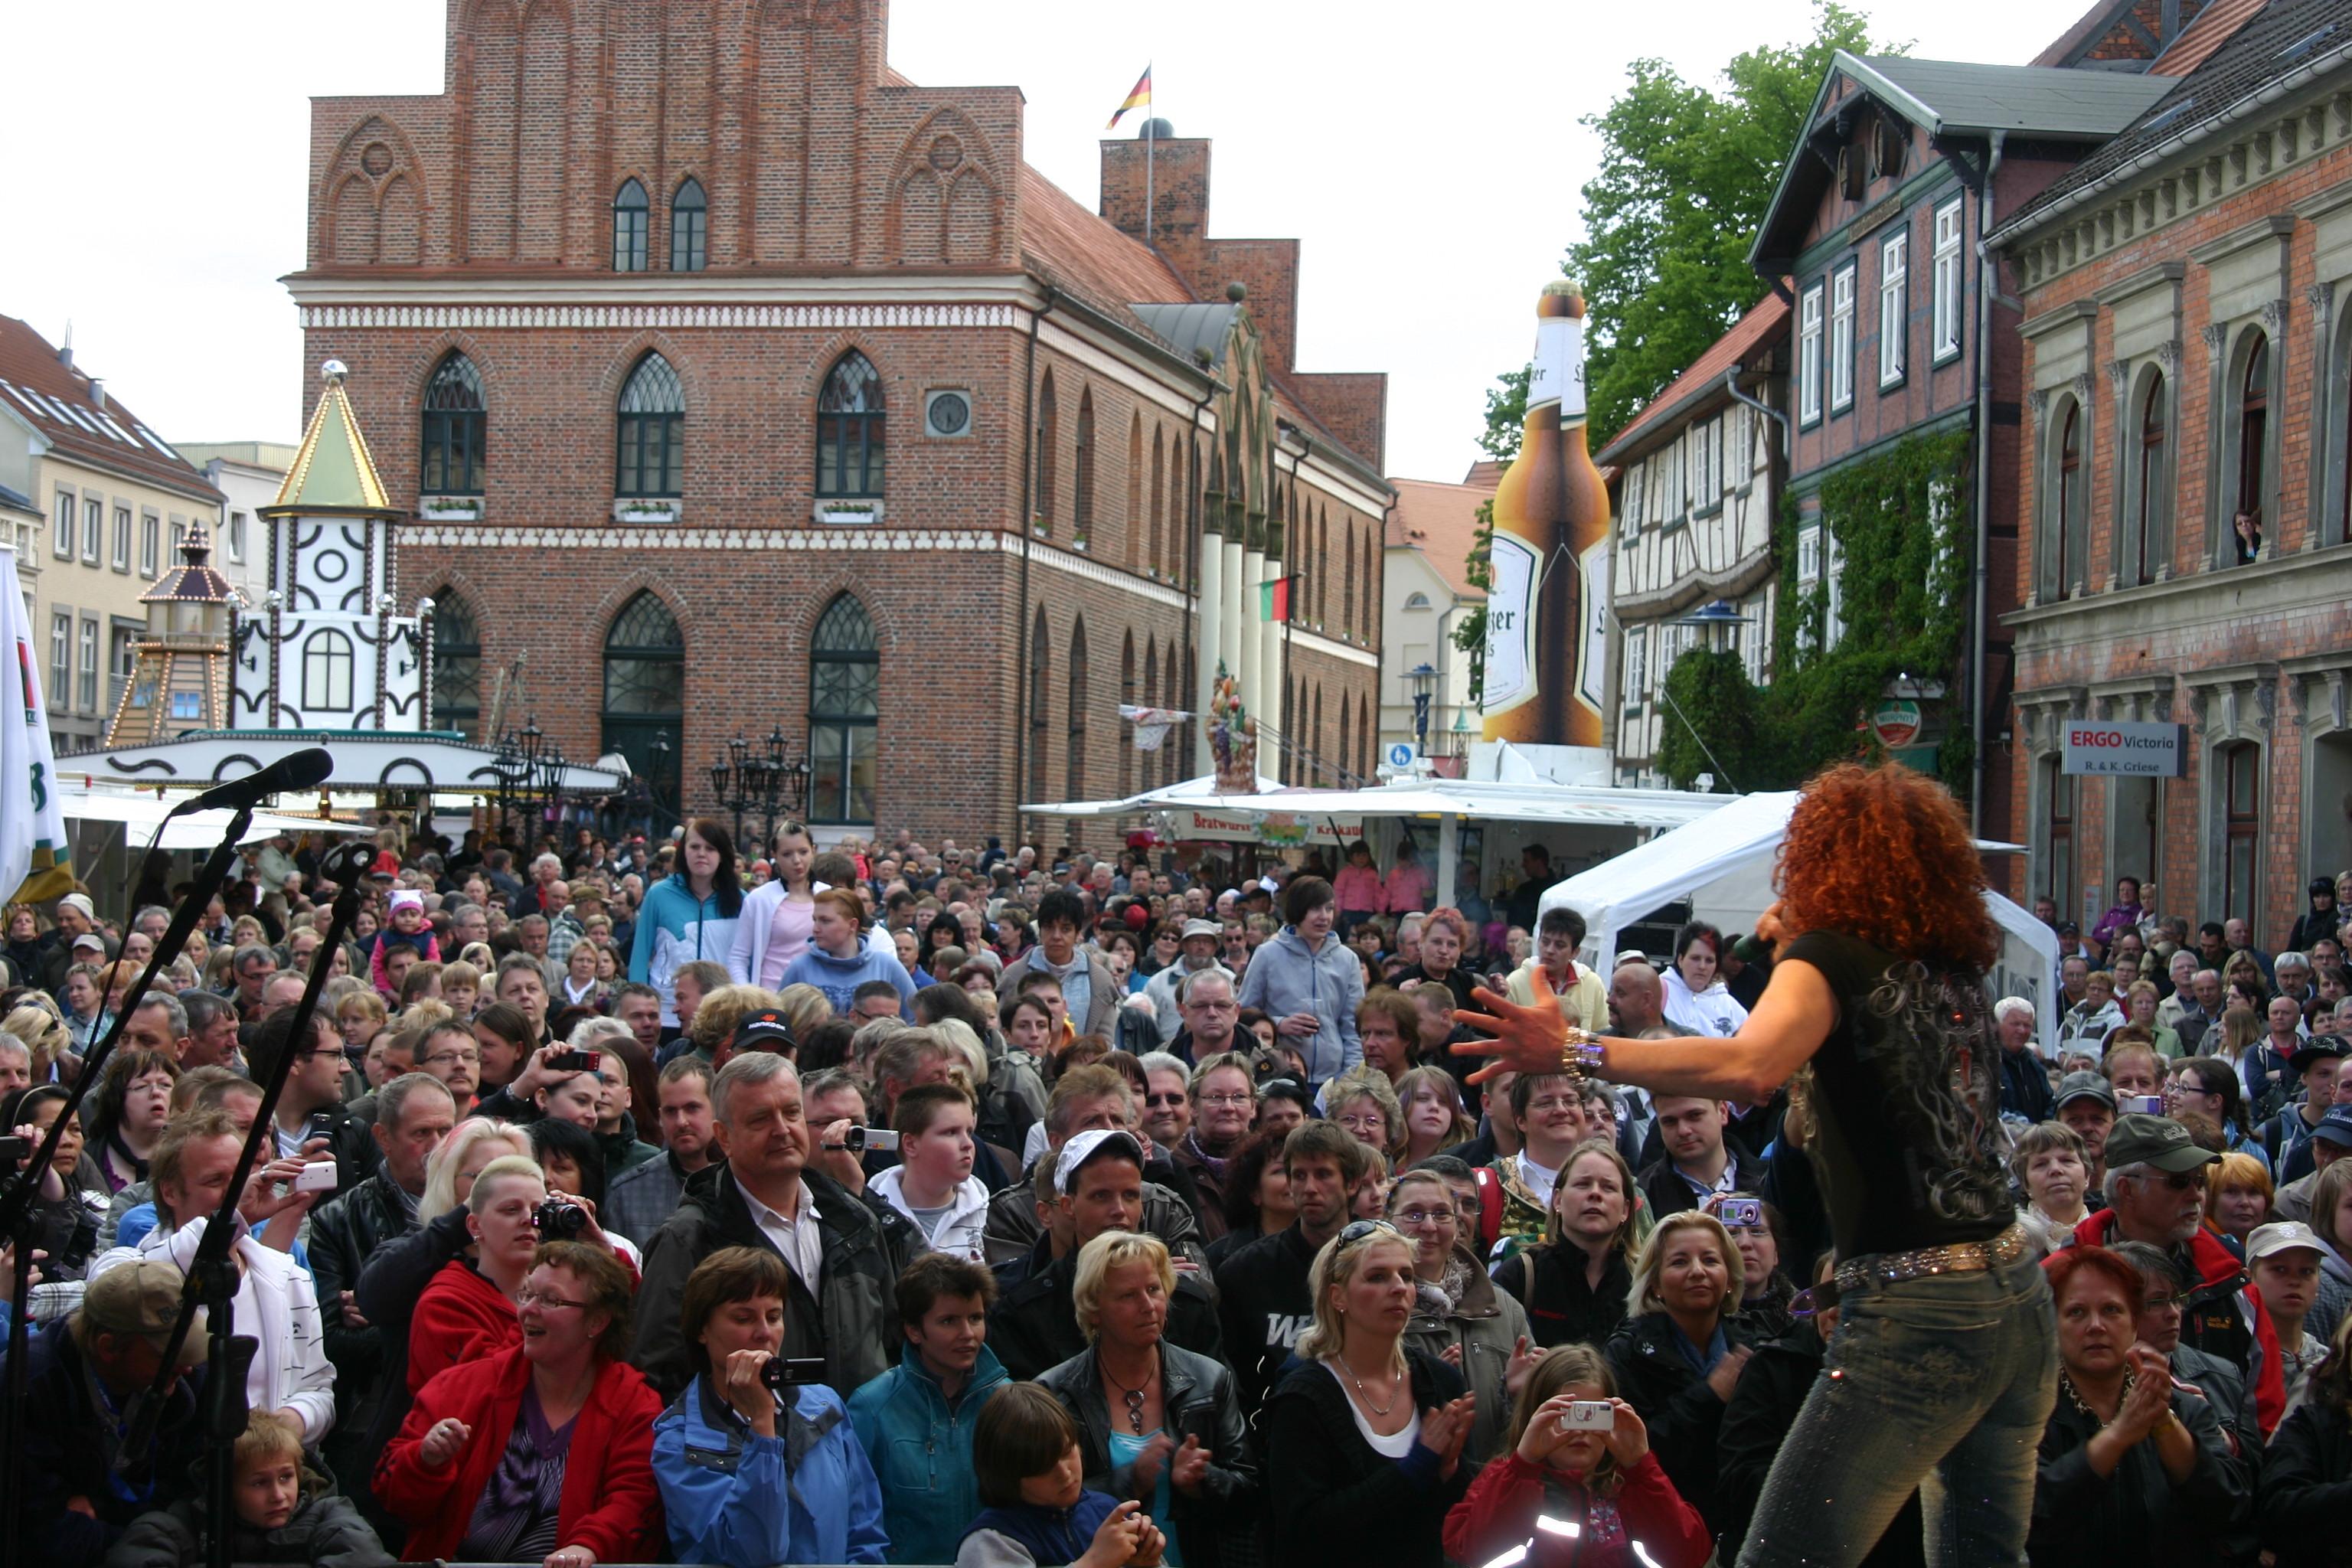 Stadtfest auf dem Alten Markt in Parchim © Stadt Parchim